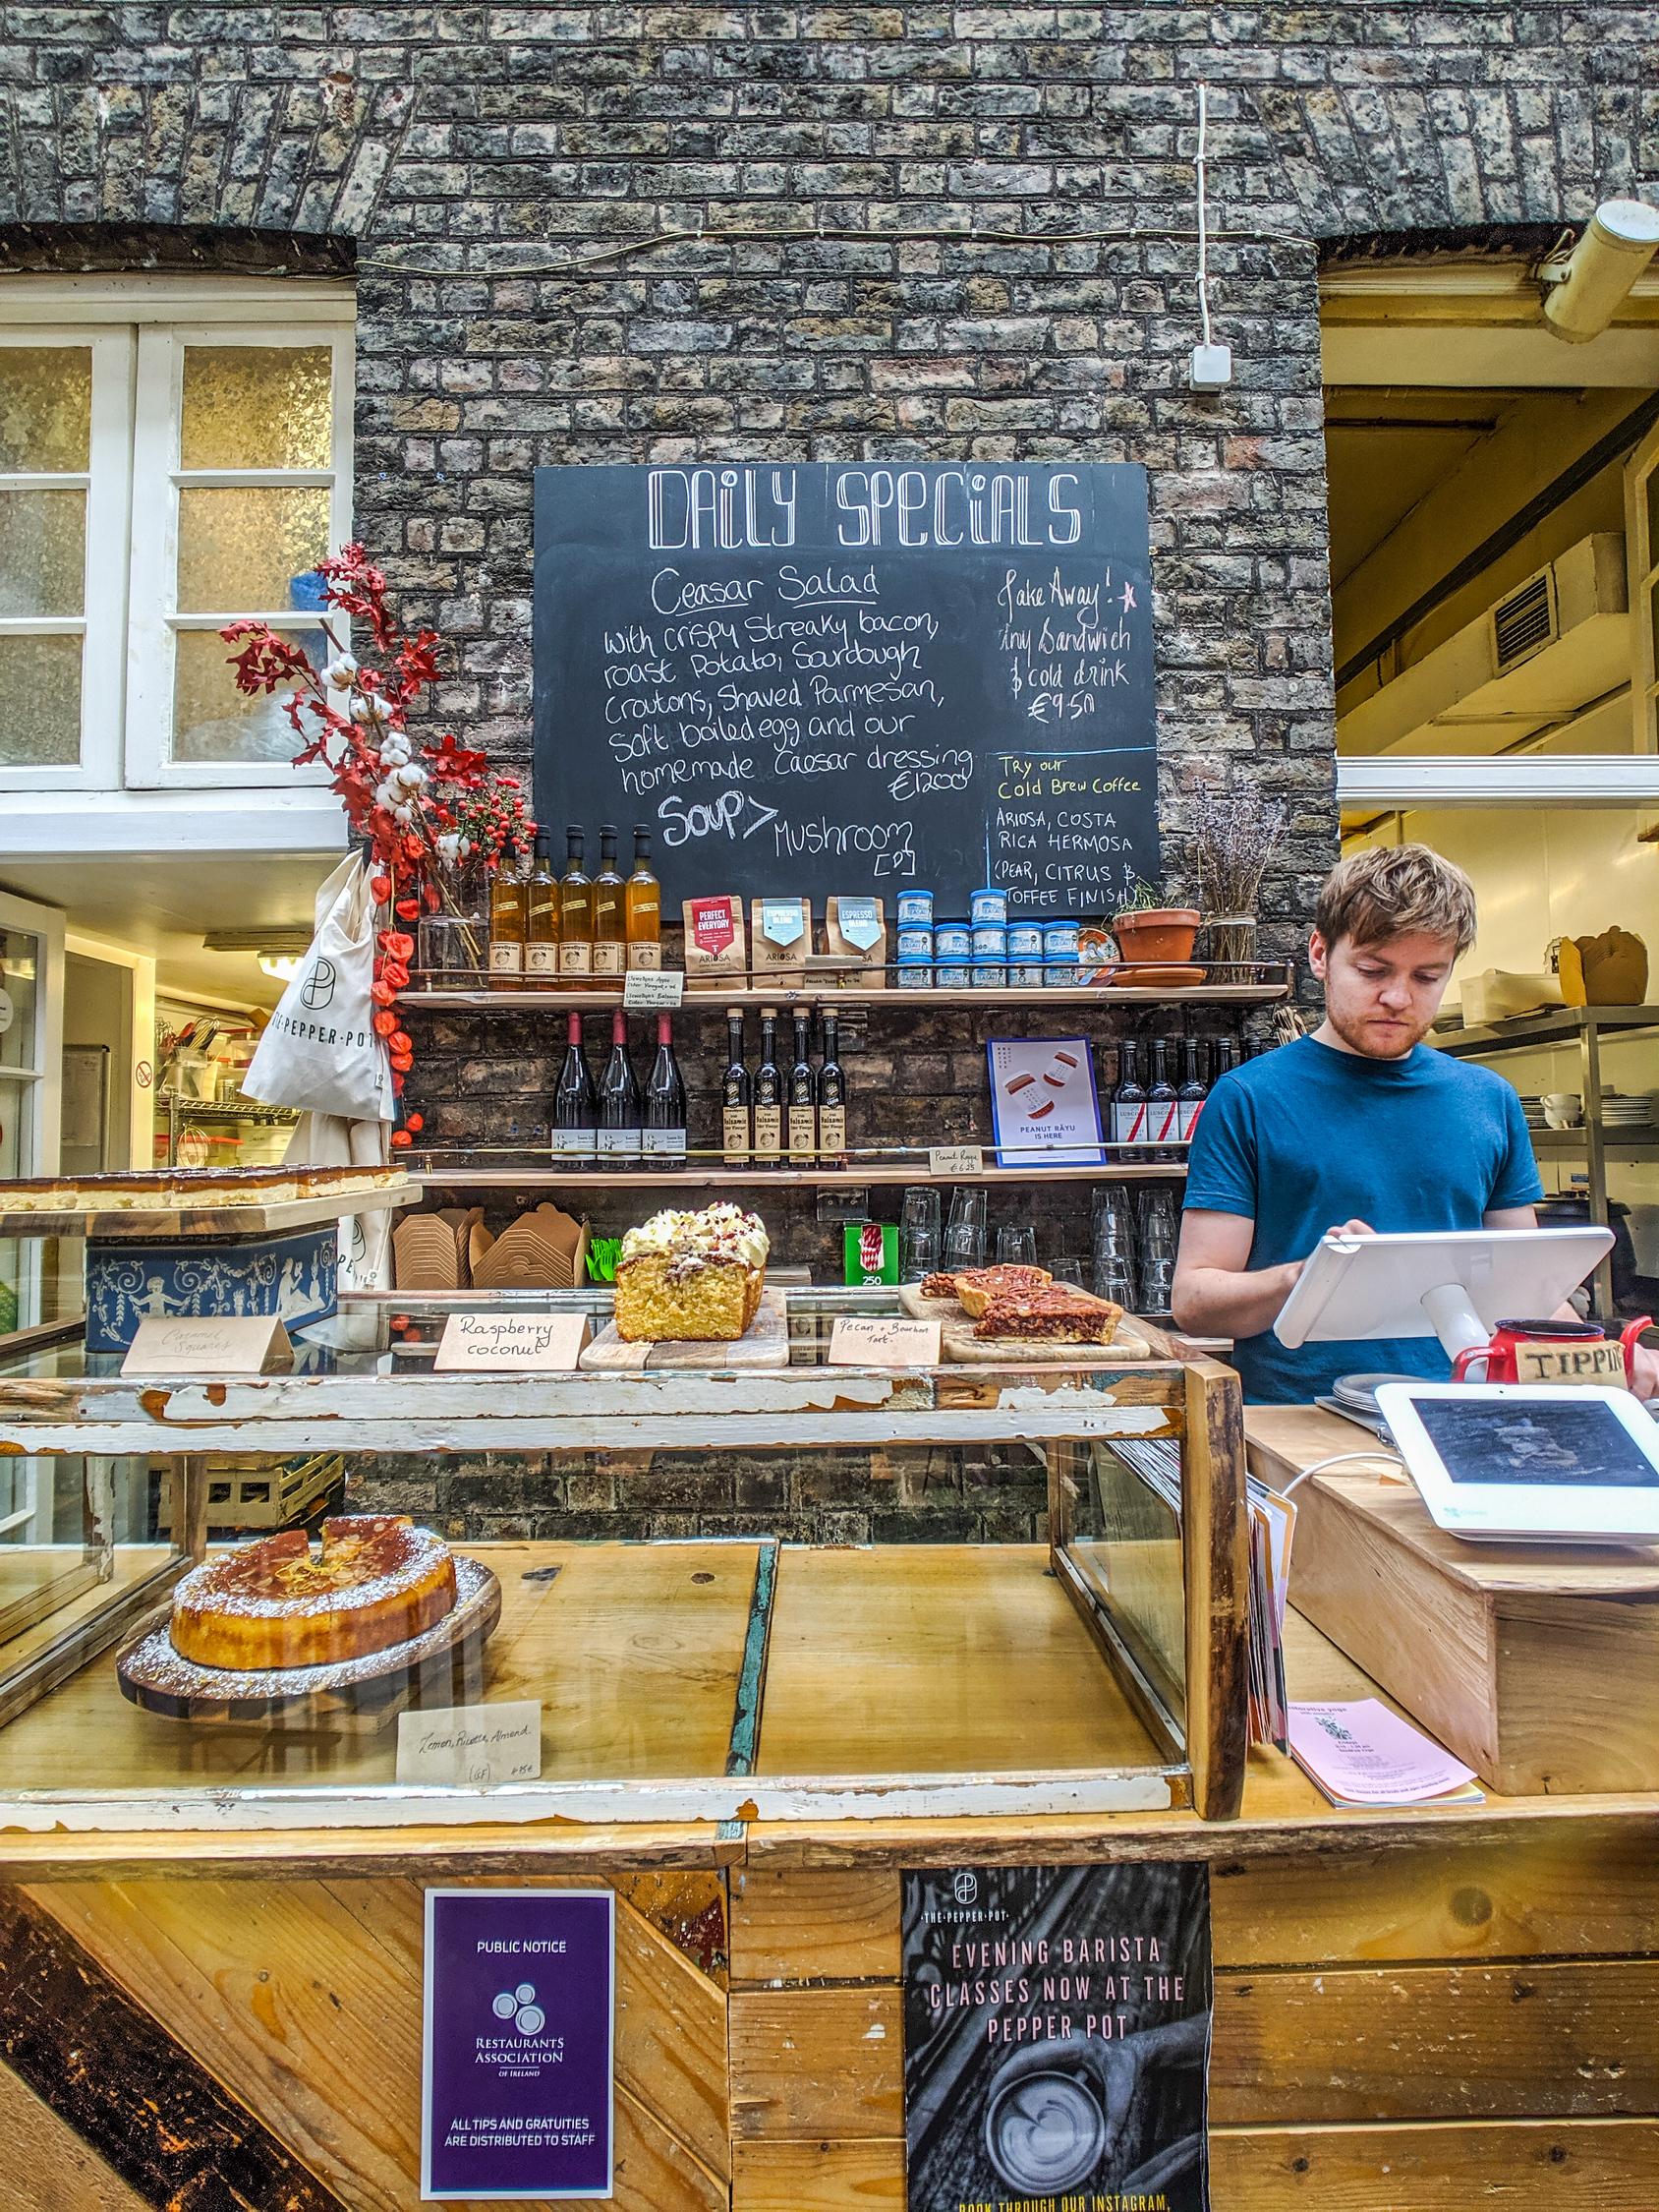 The Pepperpot cafe in Dublin Ireland menu items on chalkboard.